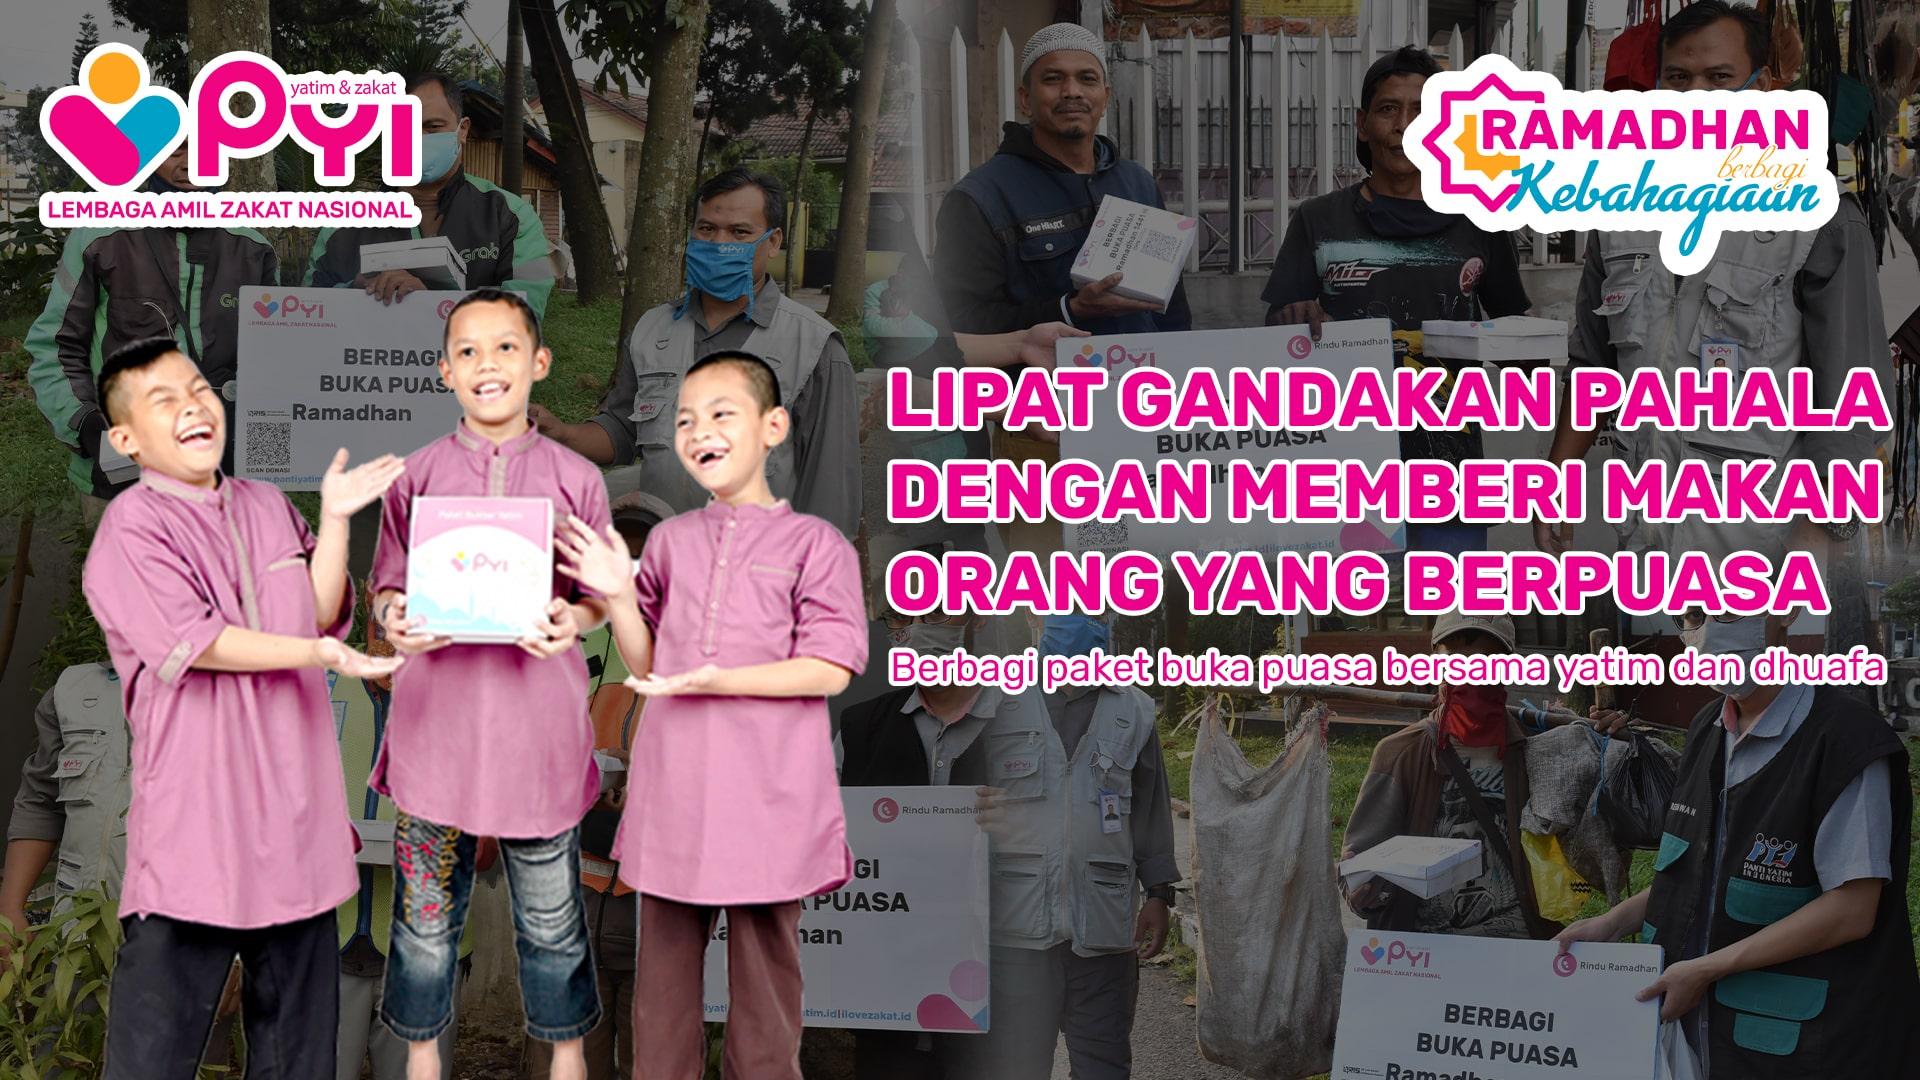 Berbagi Buka Puasa dan Sahur bersama Panti Yatim Indonesia